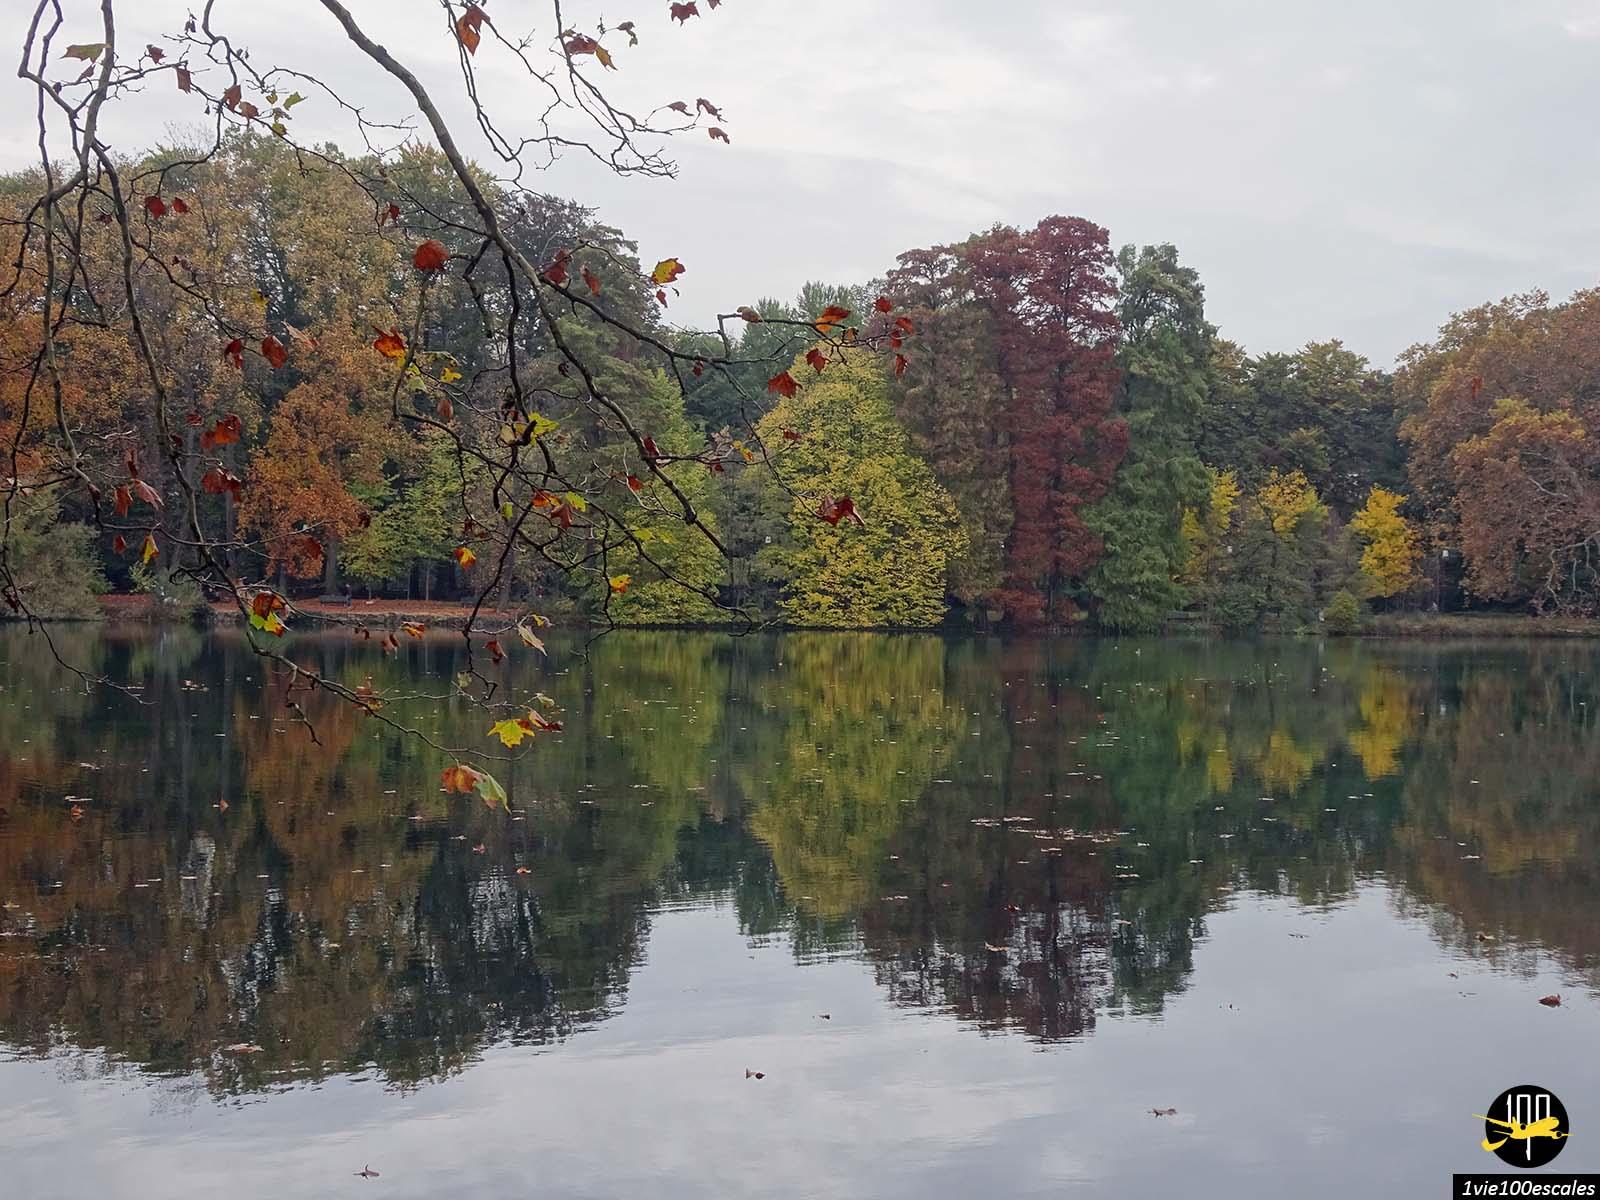 Les arbres du Parc de la Tête d'Or à Lyon avec ses couleurs d'automne